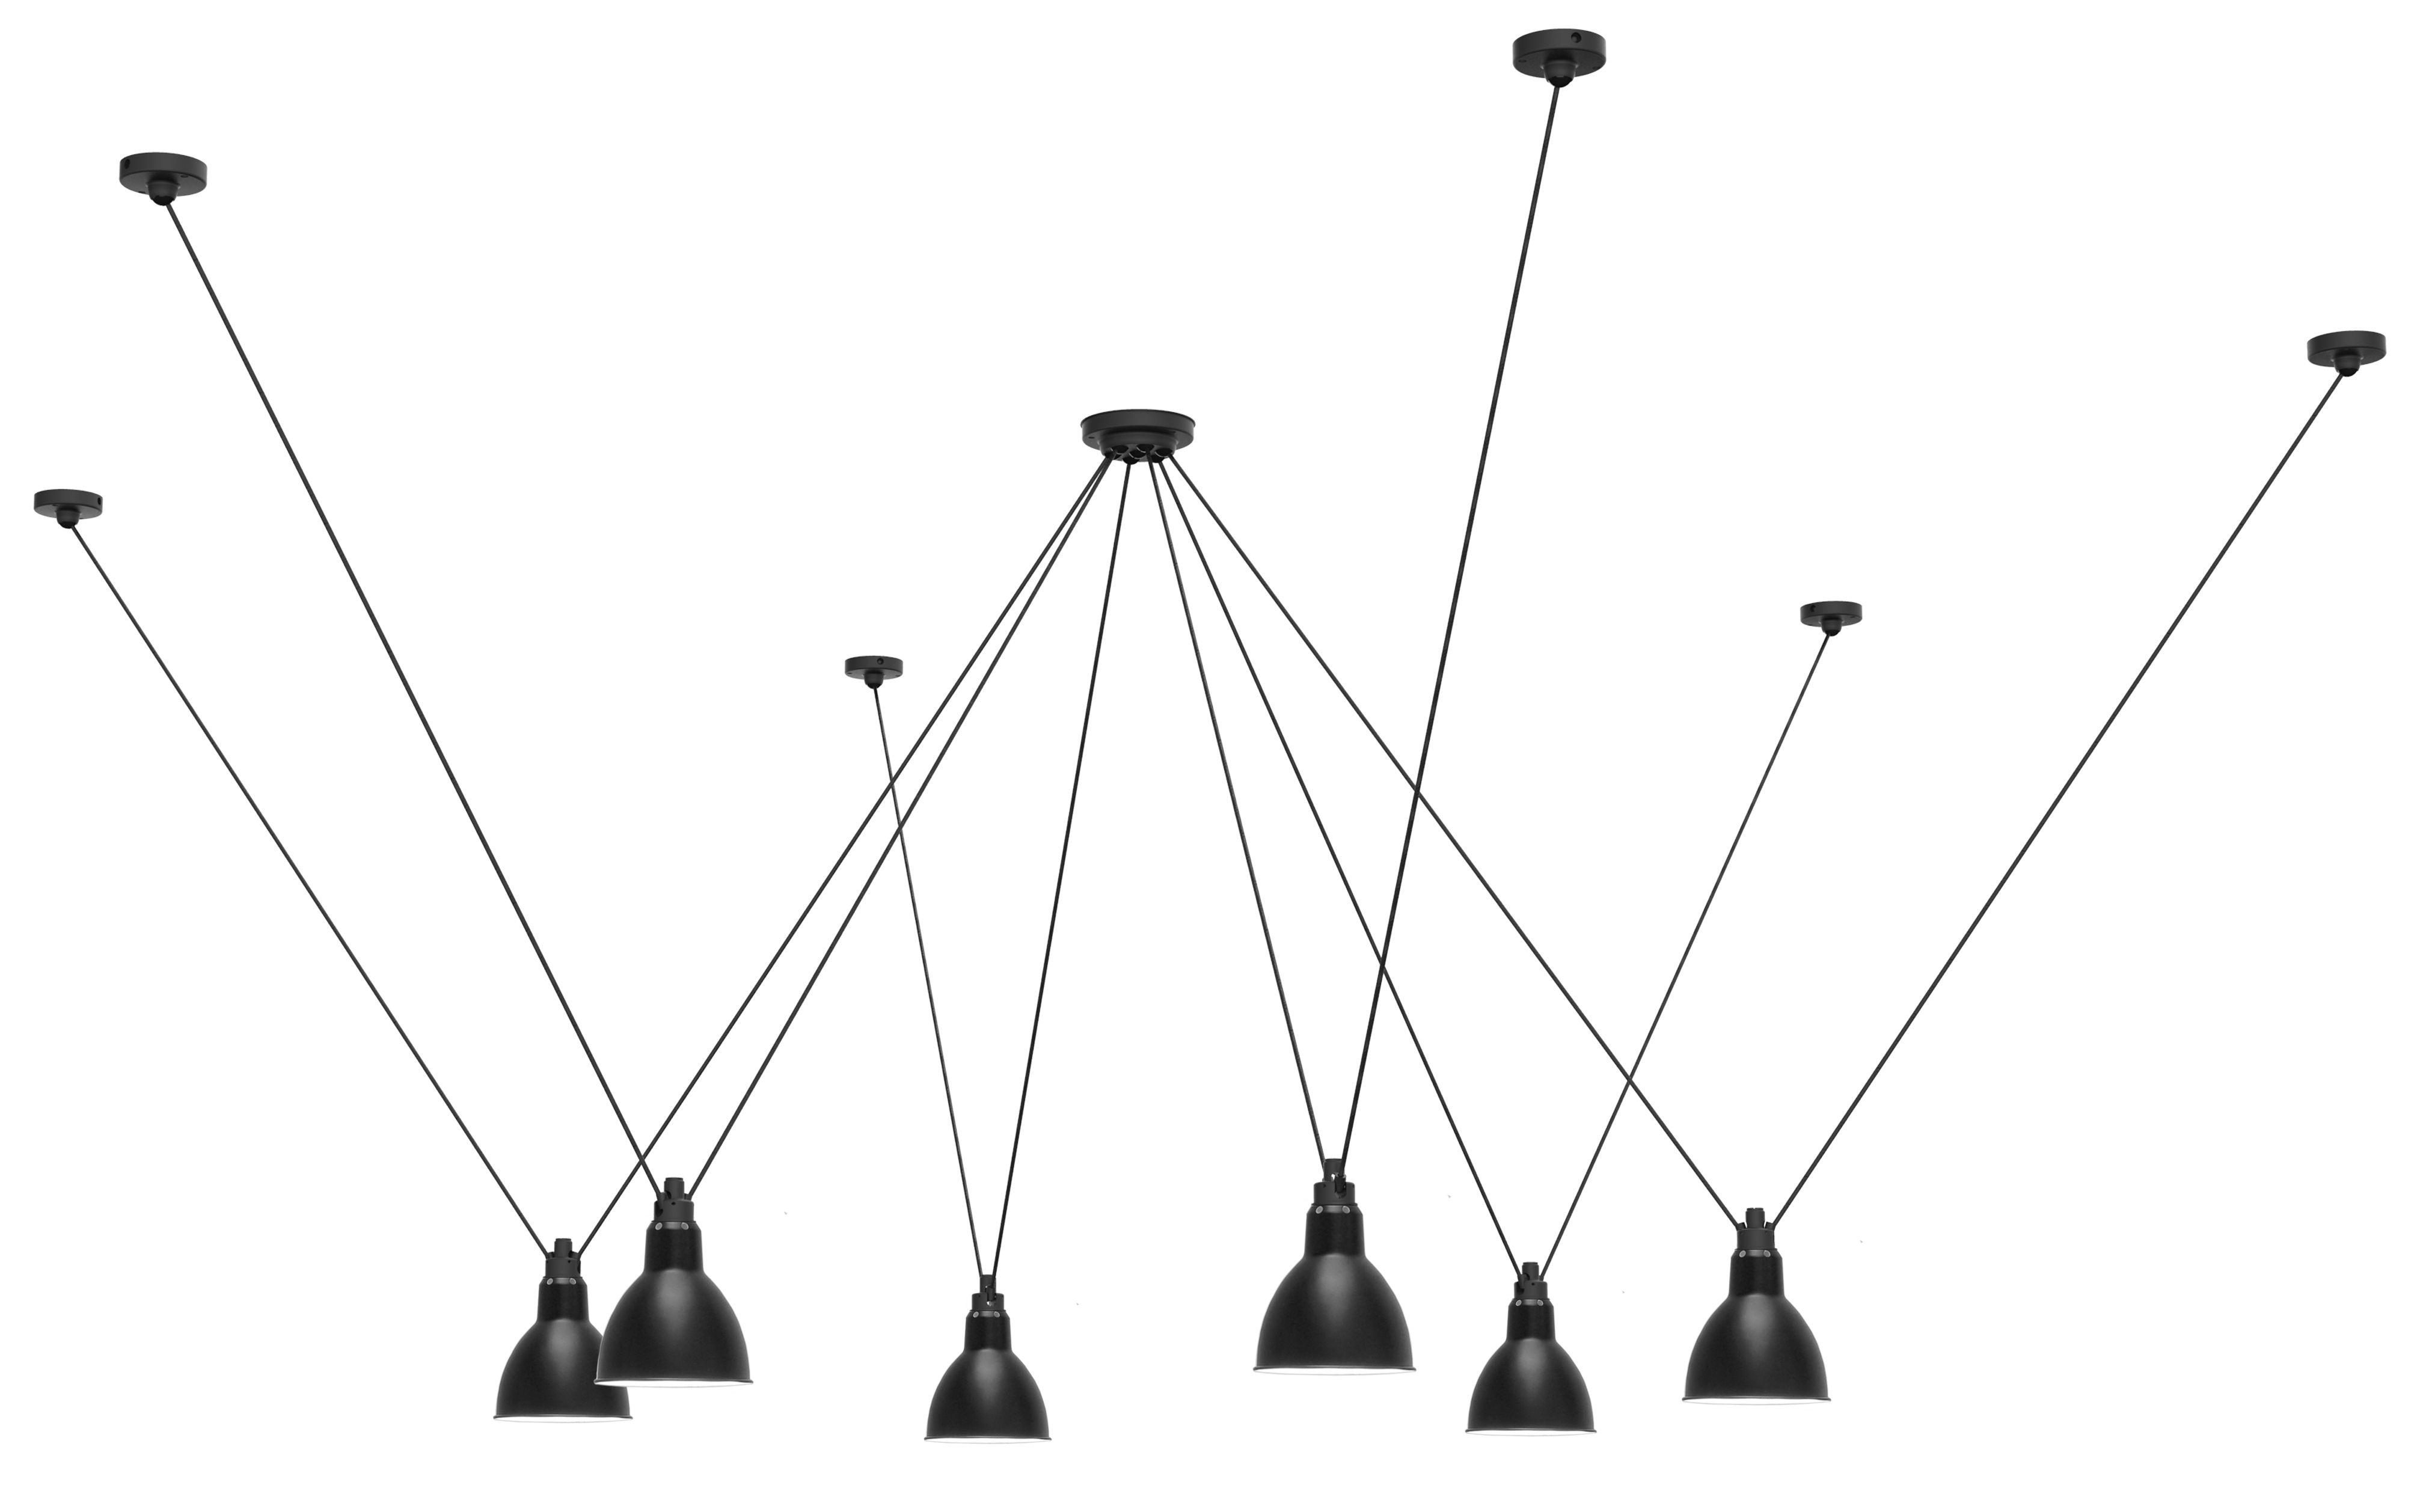 Illuminazione - Lampadari - Sospensione Acrobate N°326 / Lampade Gras - 6 paralumi rotondi metallo - DCW edizioni - Nero - Acciaio verniciato